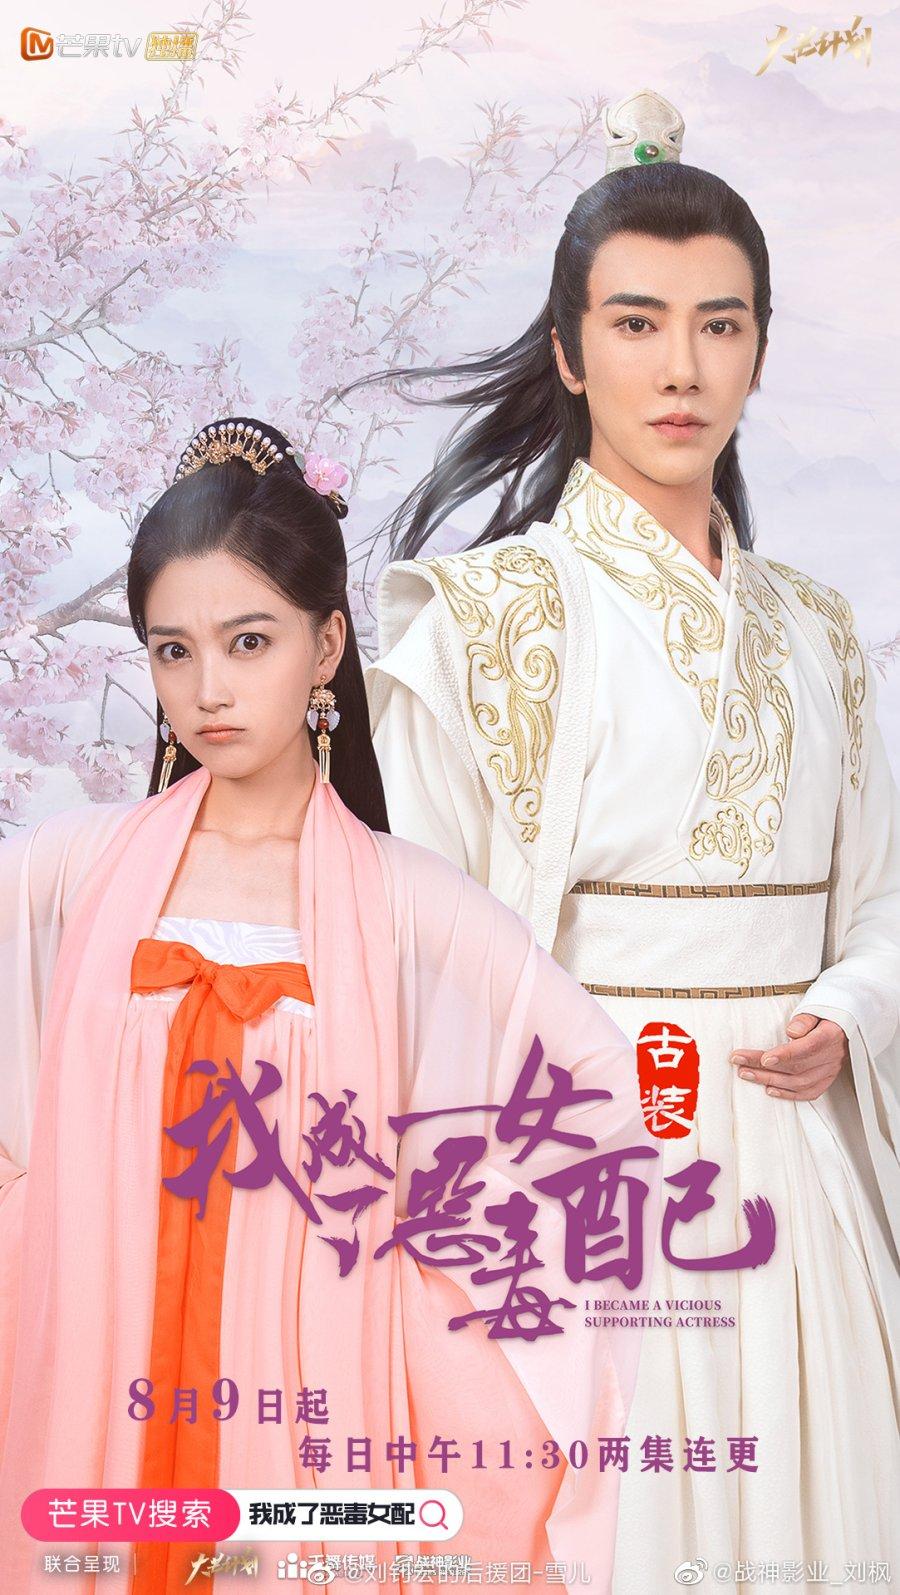 1RBP6 4f - Я стала порочной актрисой второго плана ✦ 2021 ✦ Китай